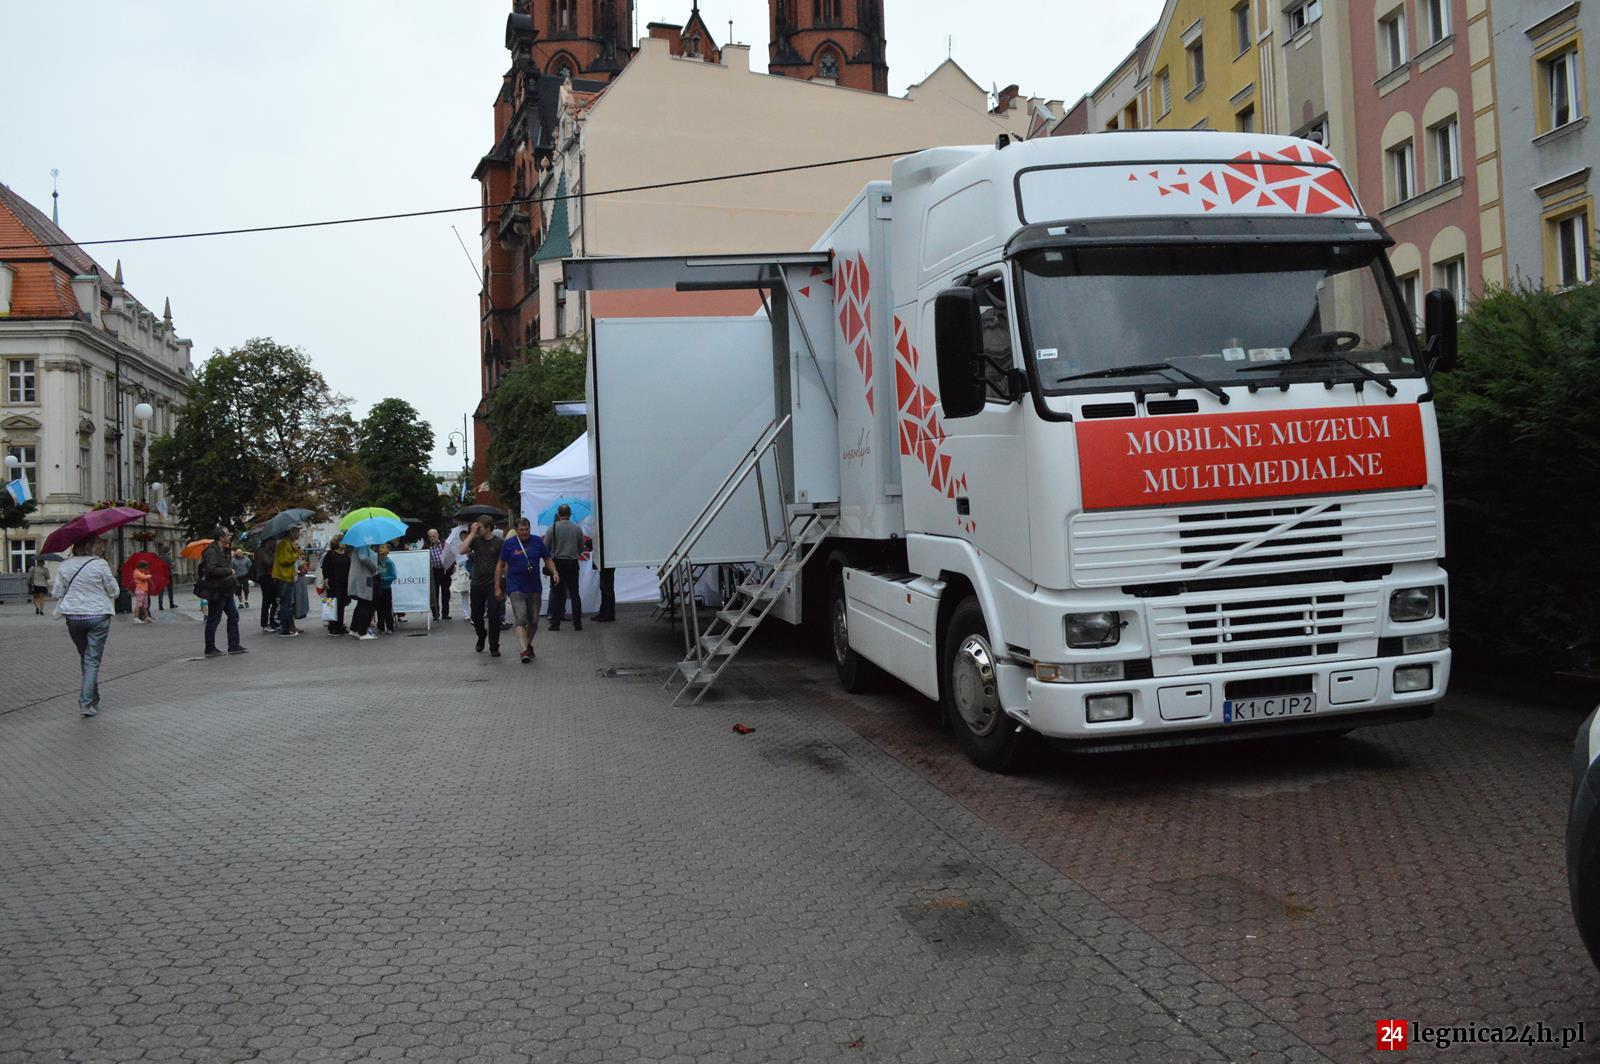 (FOTO) Mobilne Muzeum Multimedialne – 100 lecie Niepodległości zawitało na Legnickim rynku